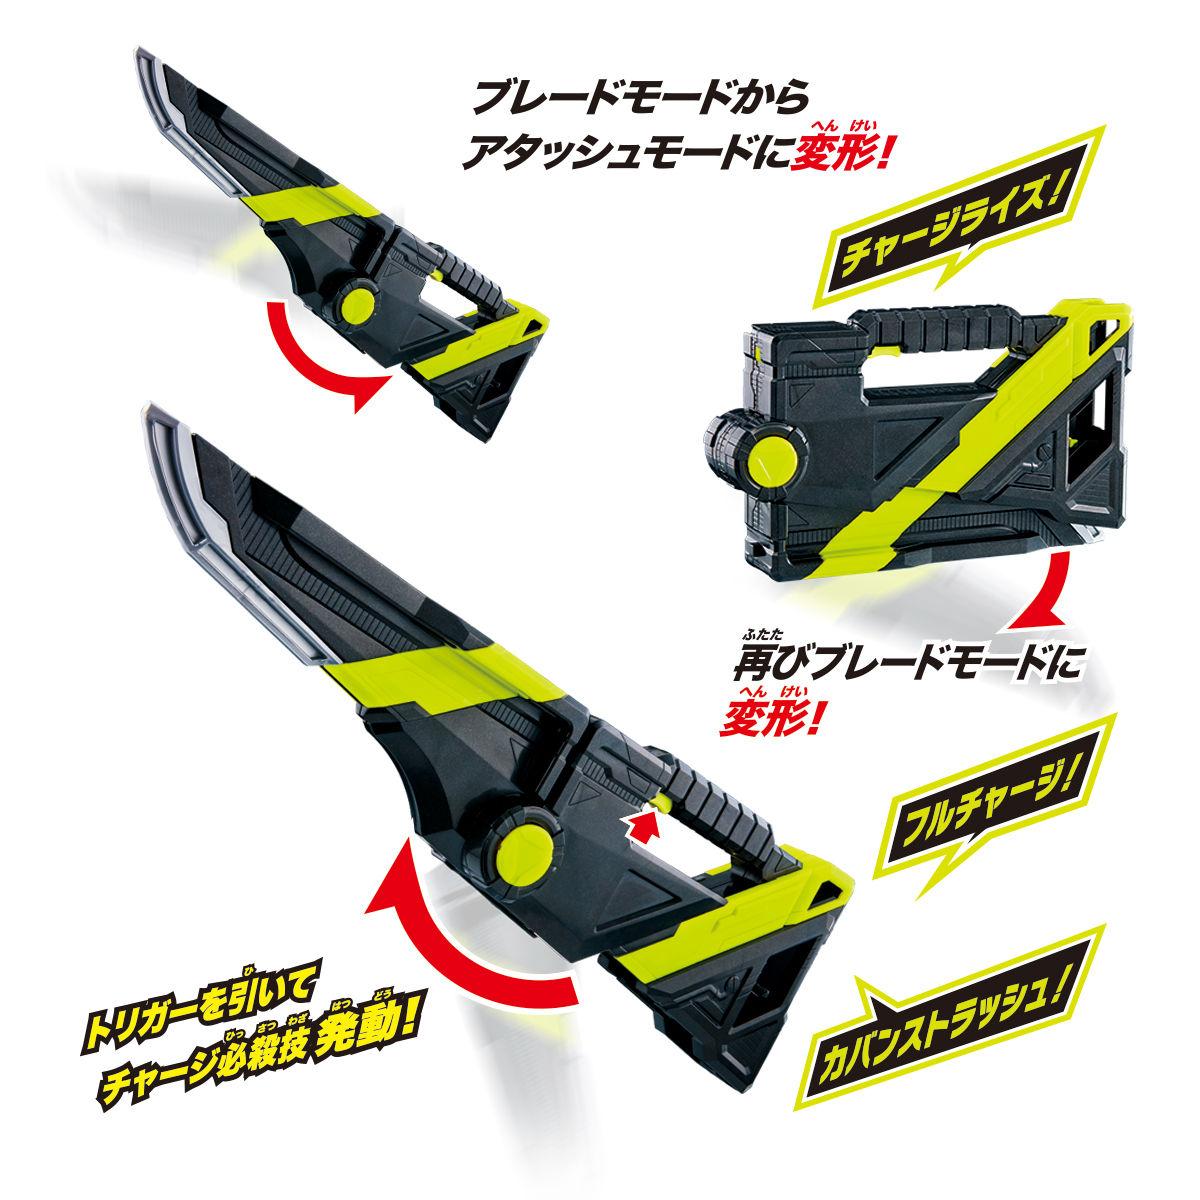 仮面ライダーゼロワン『DXアタッシュカリバー』変身なりきり-004